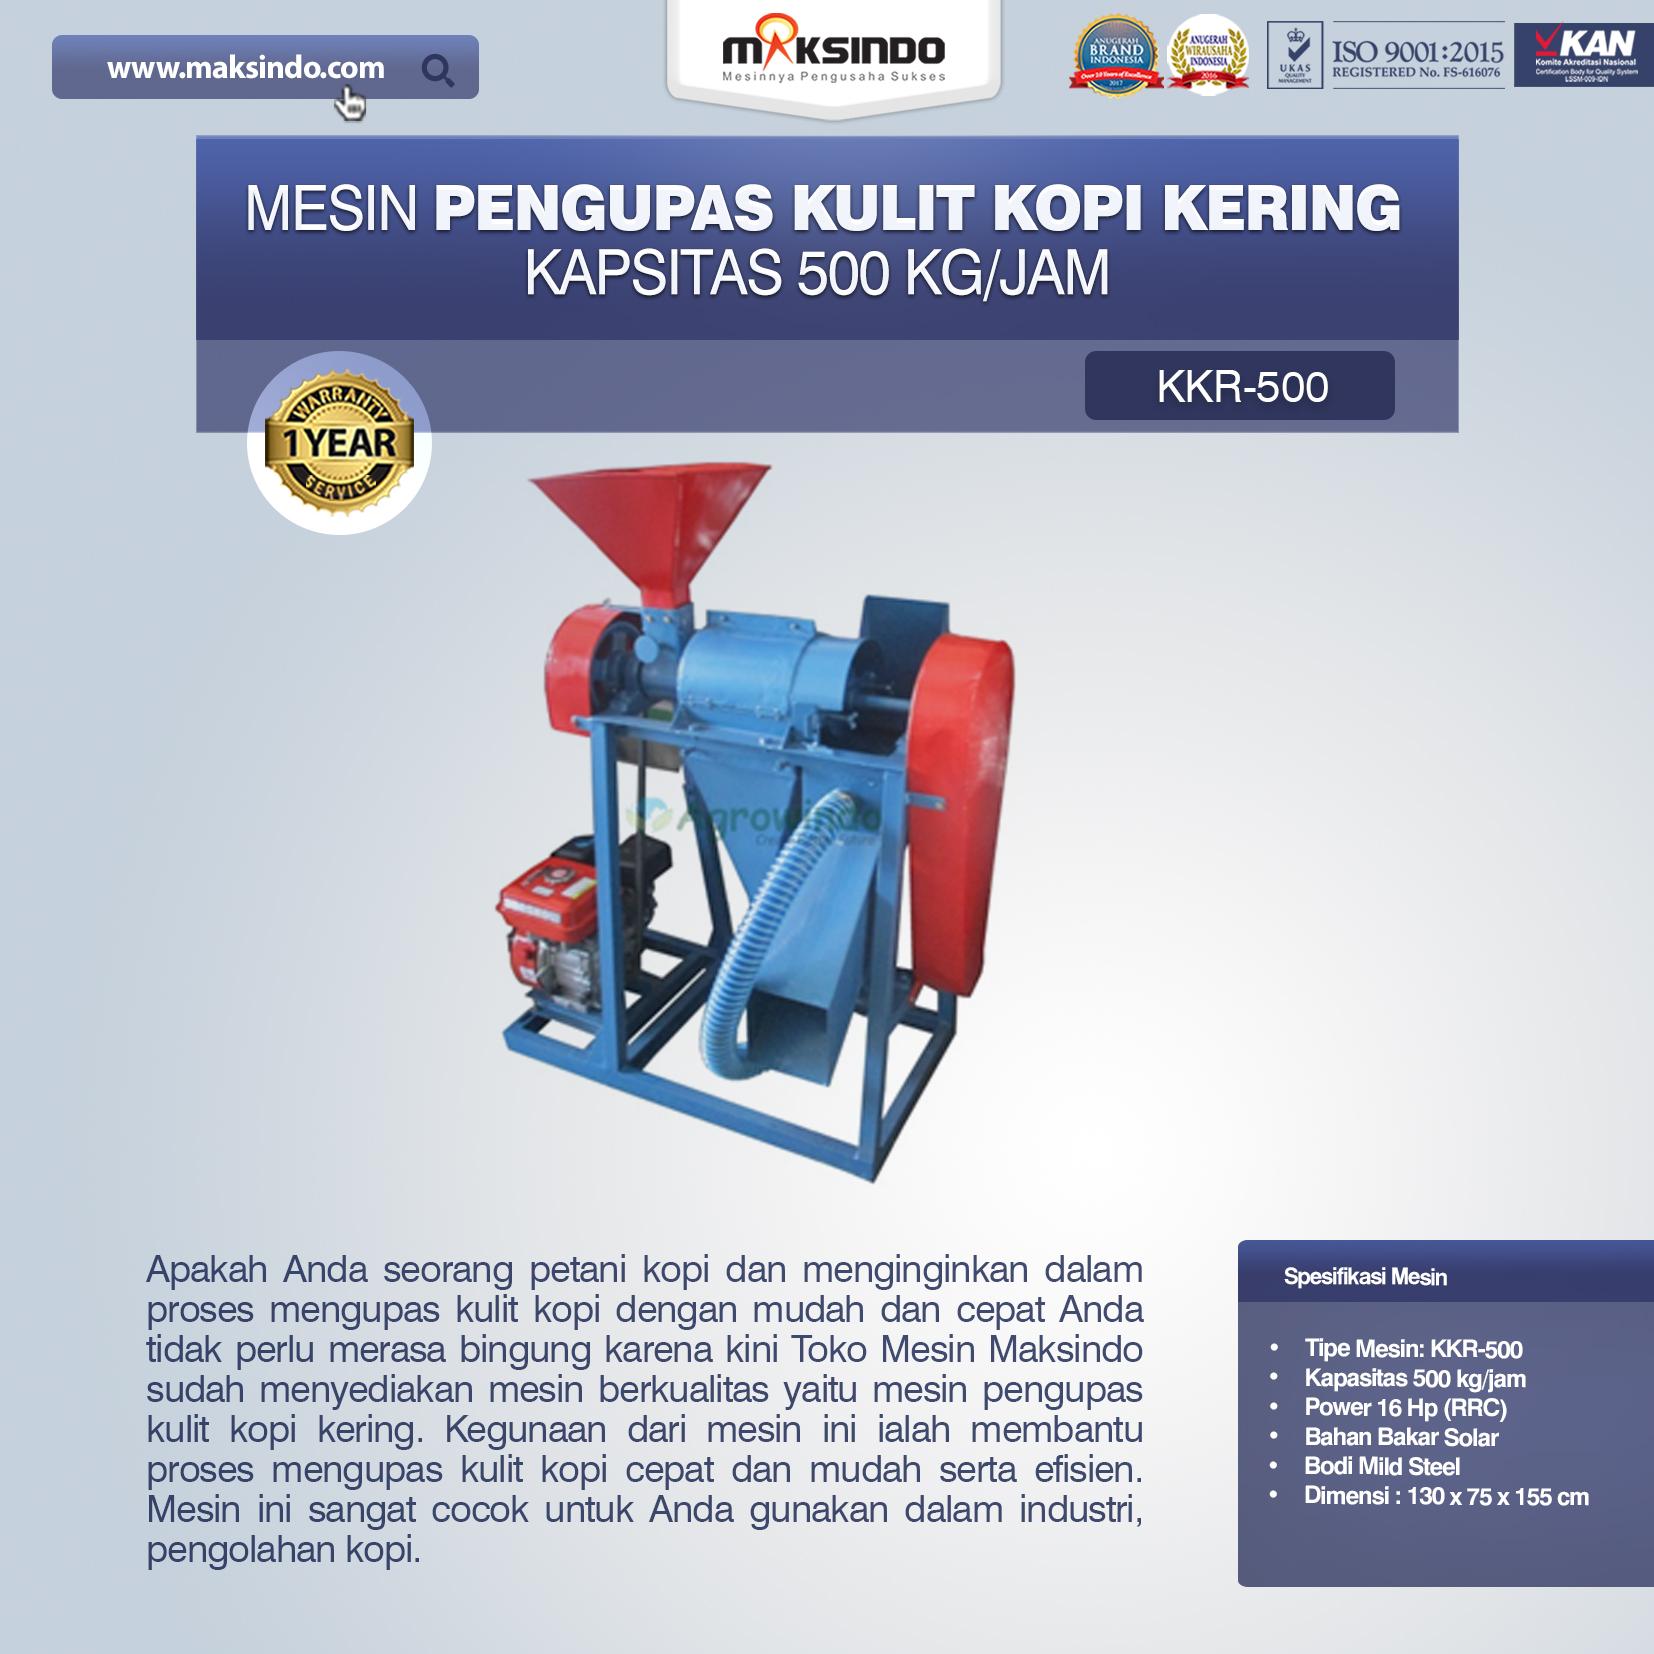 Mesin Pengupas Kulit Kopi Kering KKR-500